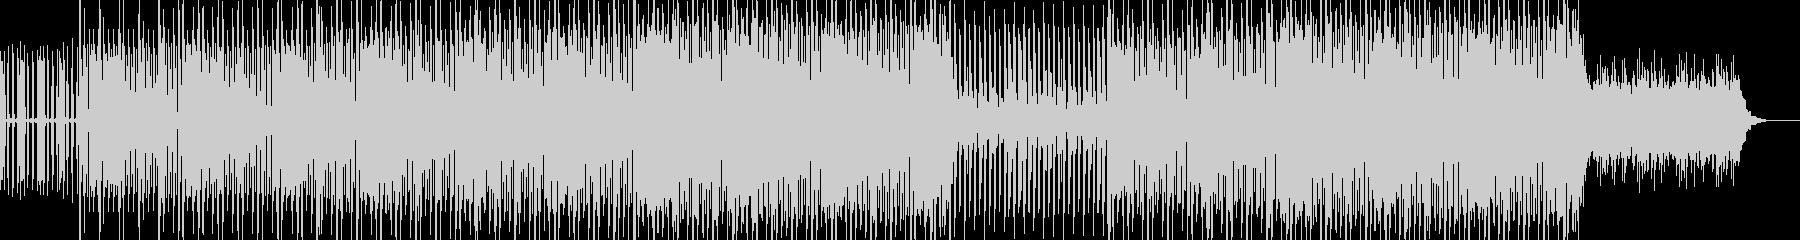 EDMクラブ系アンダーグラウンドテクノの未再生の波形